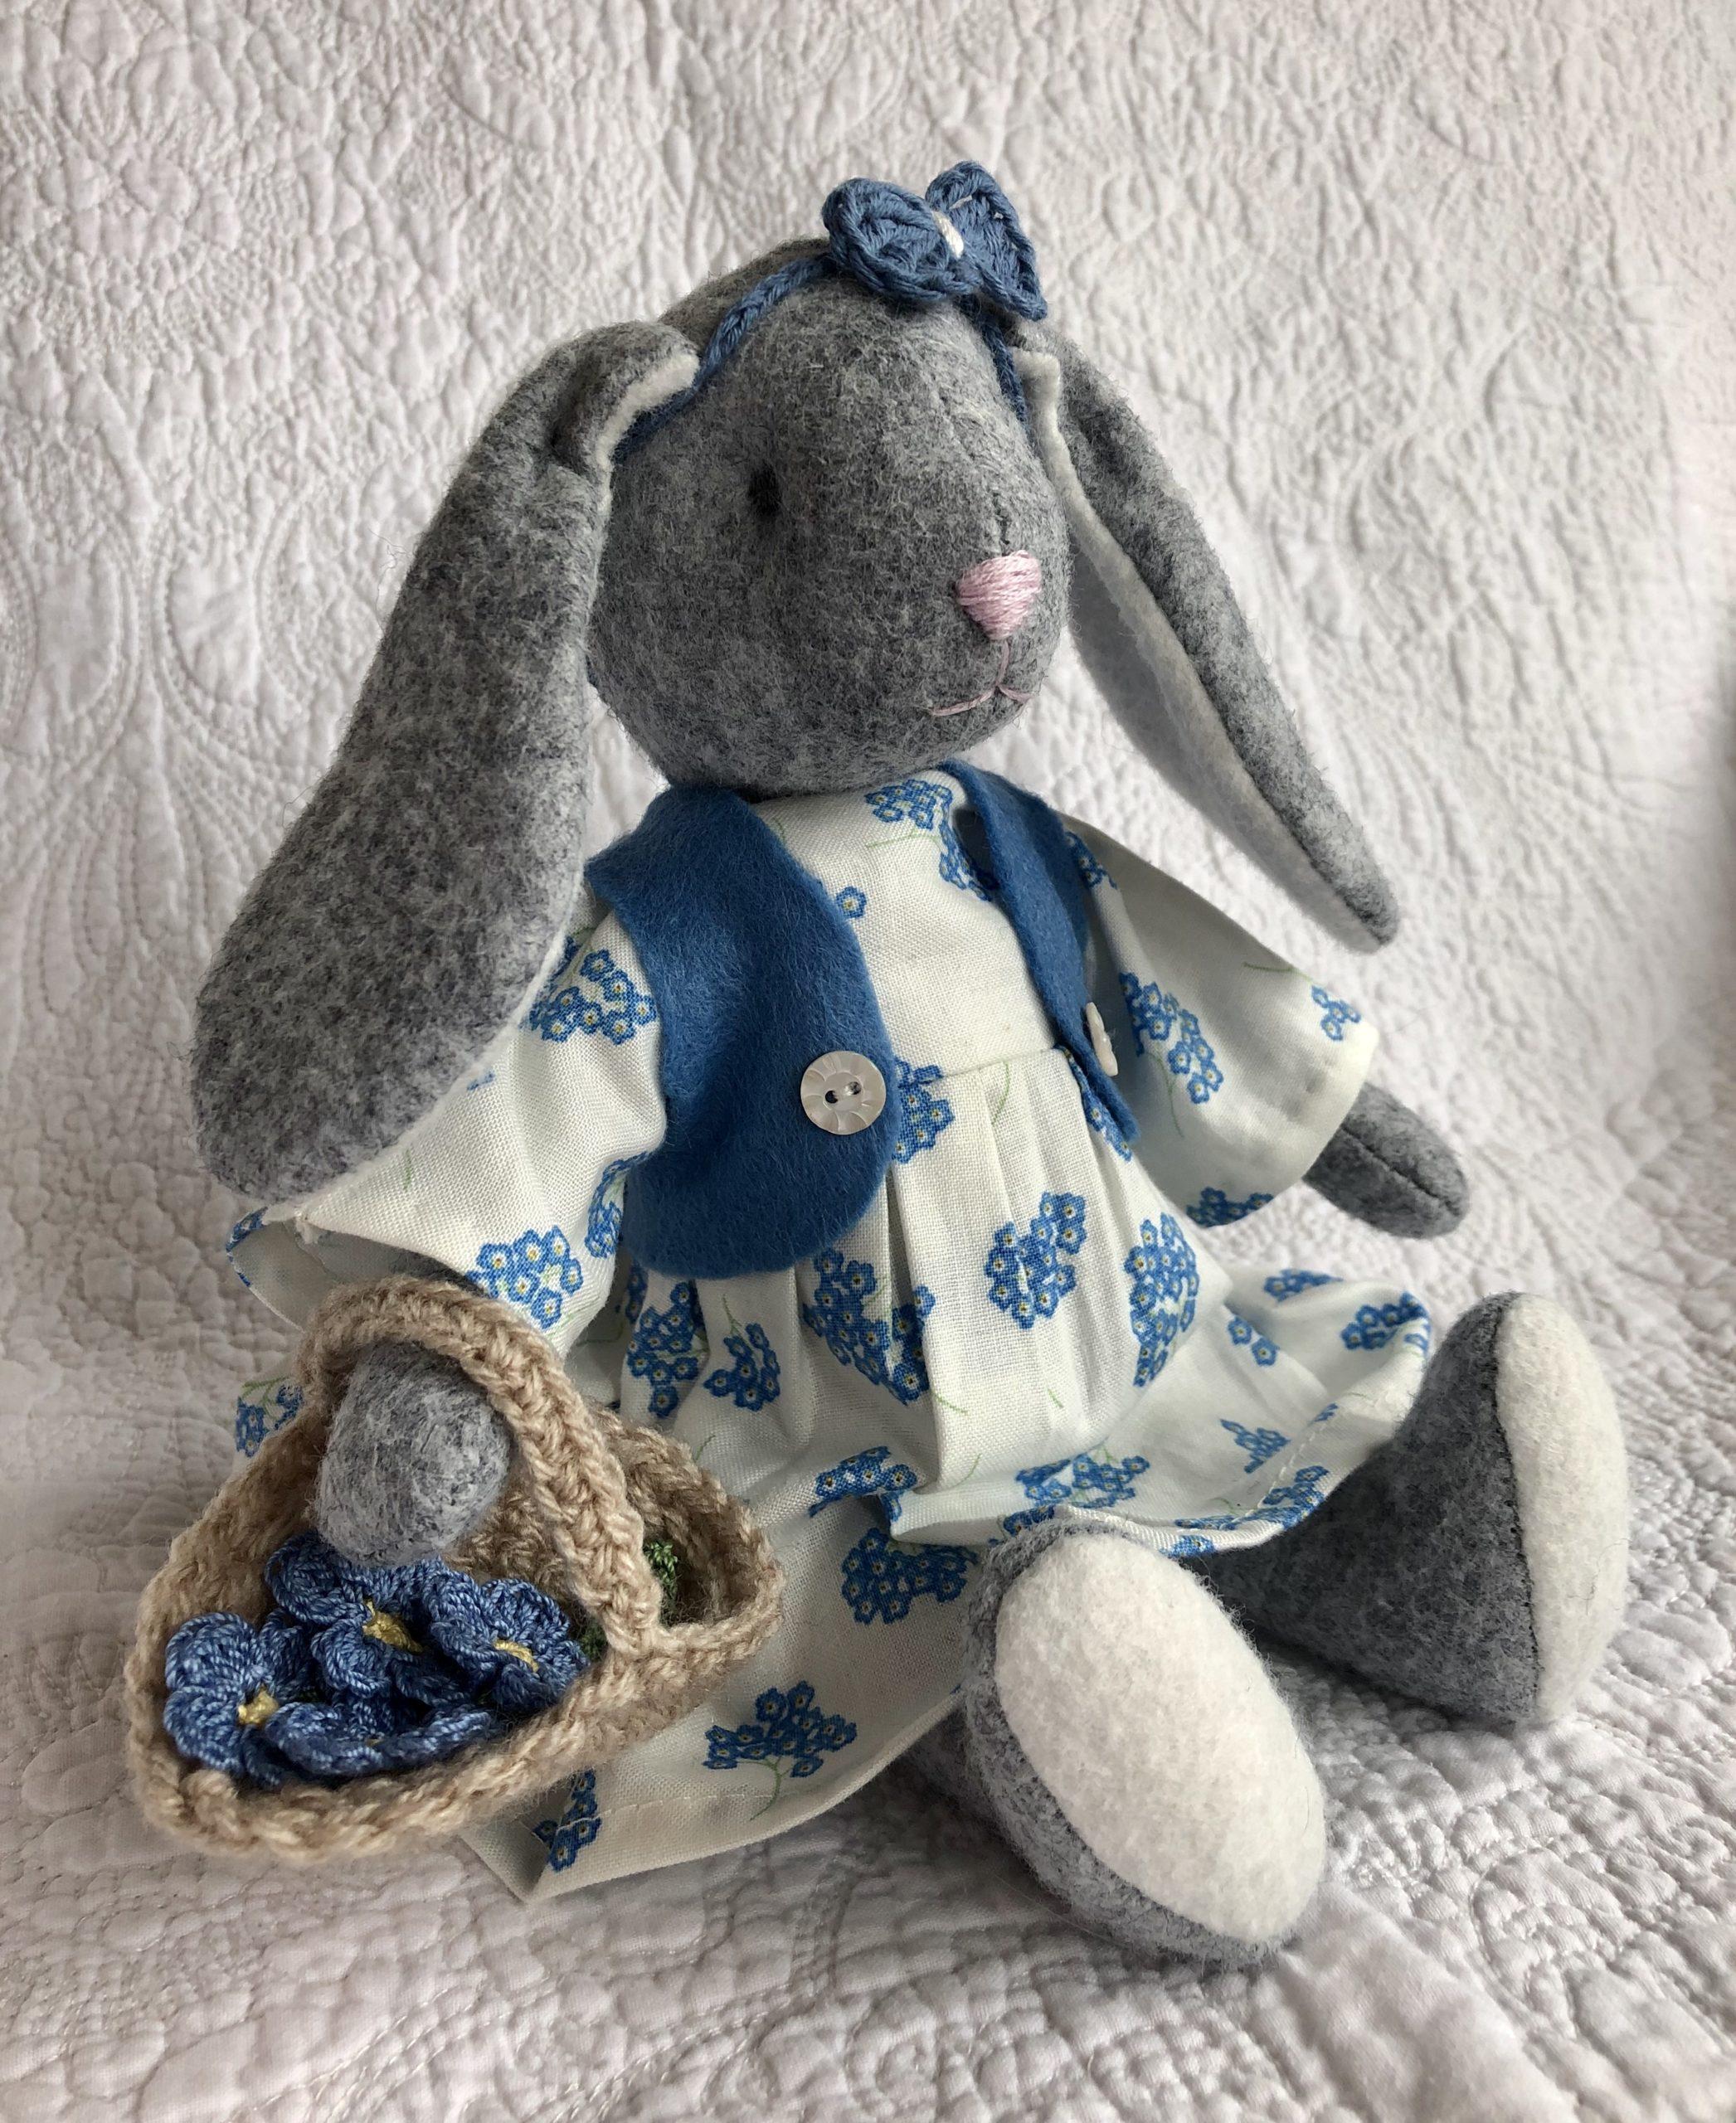 Cerys bunny.